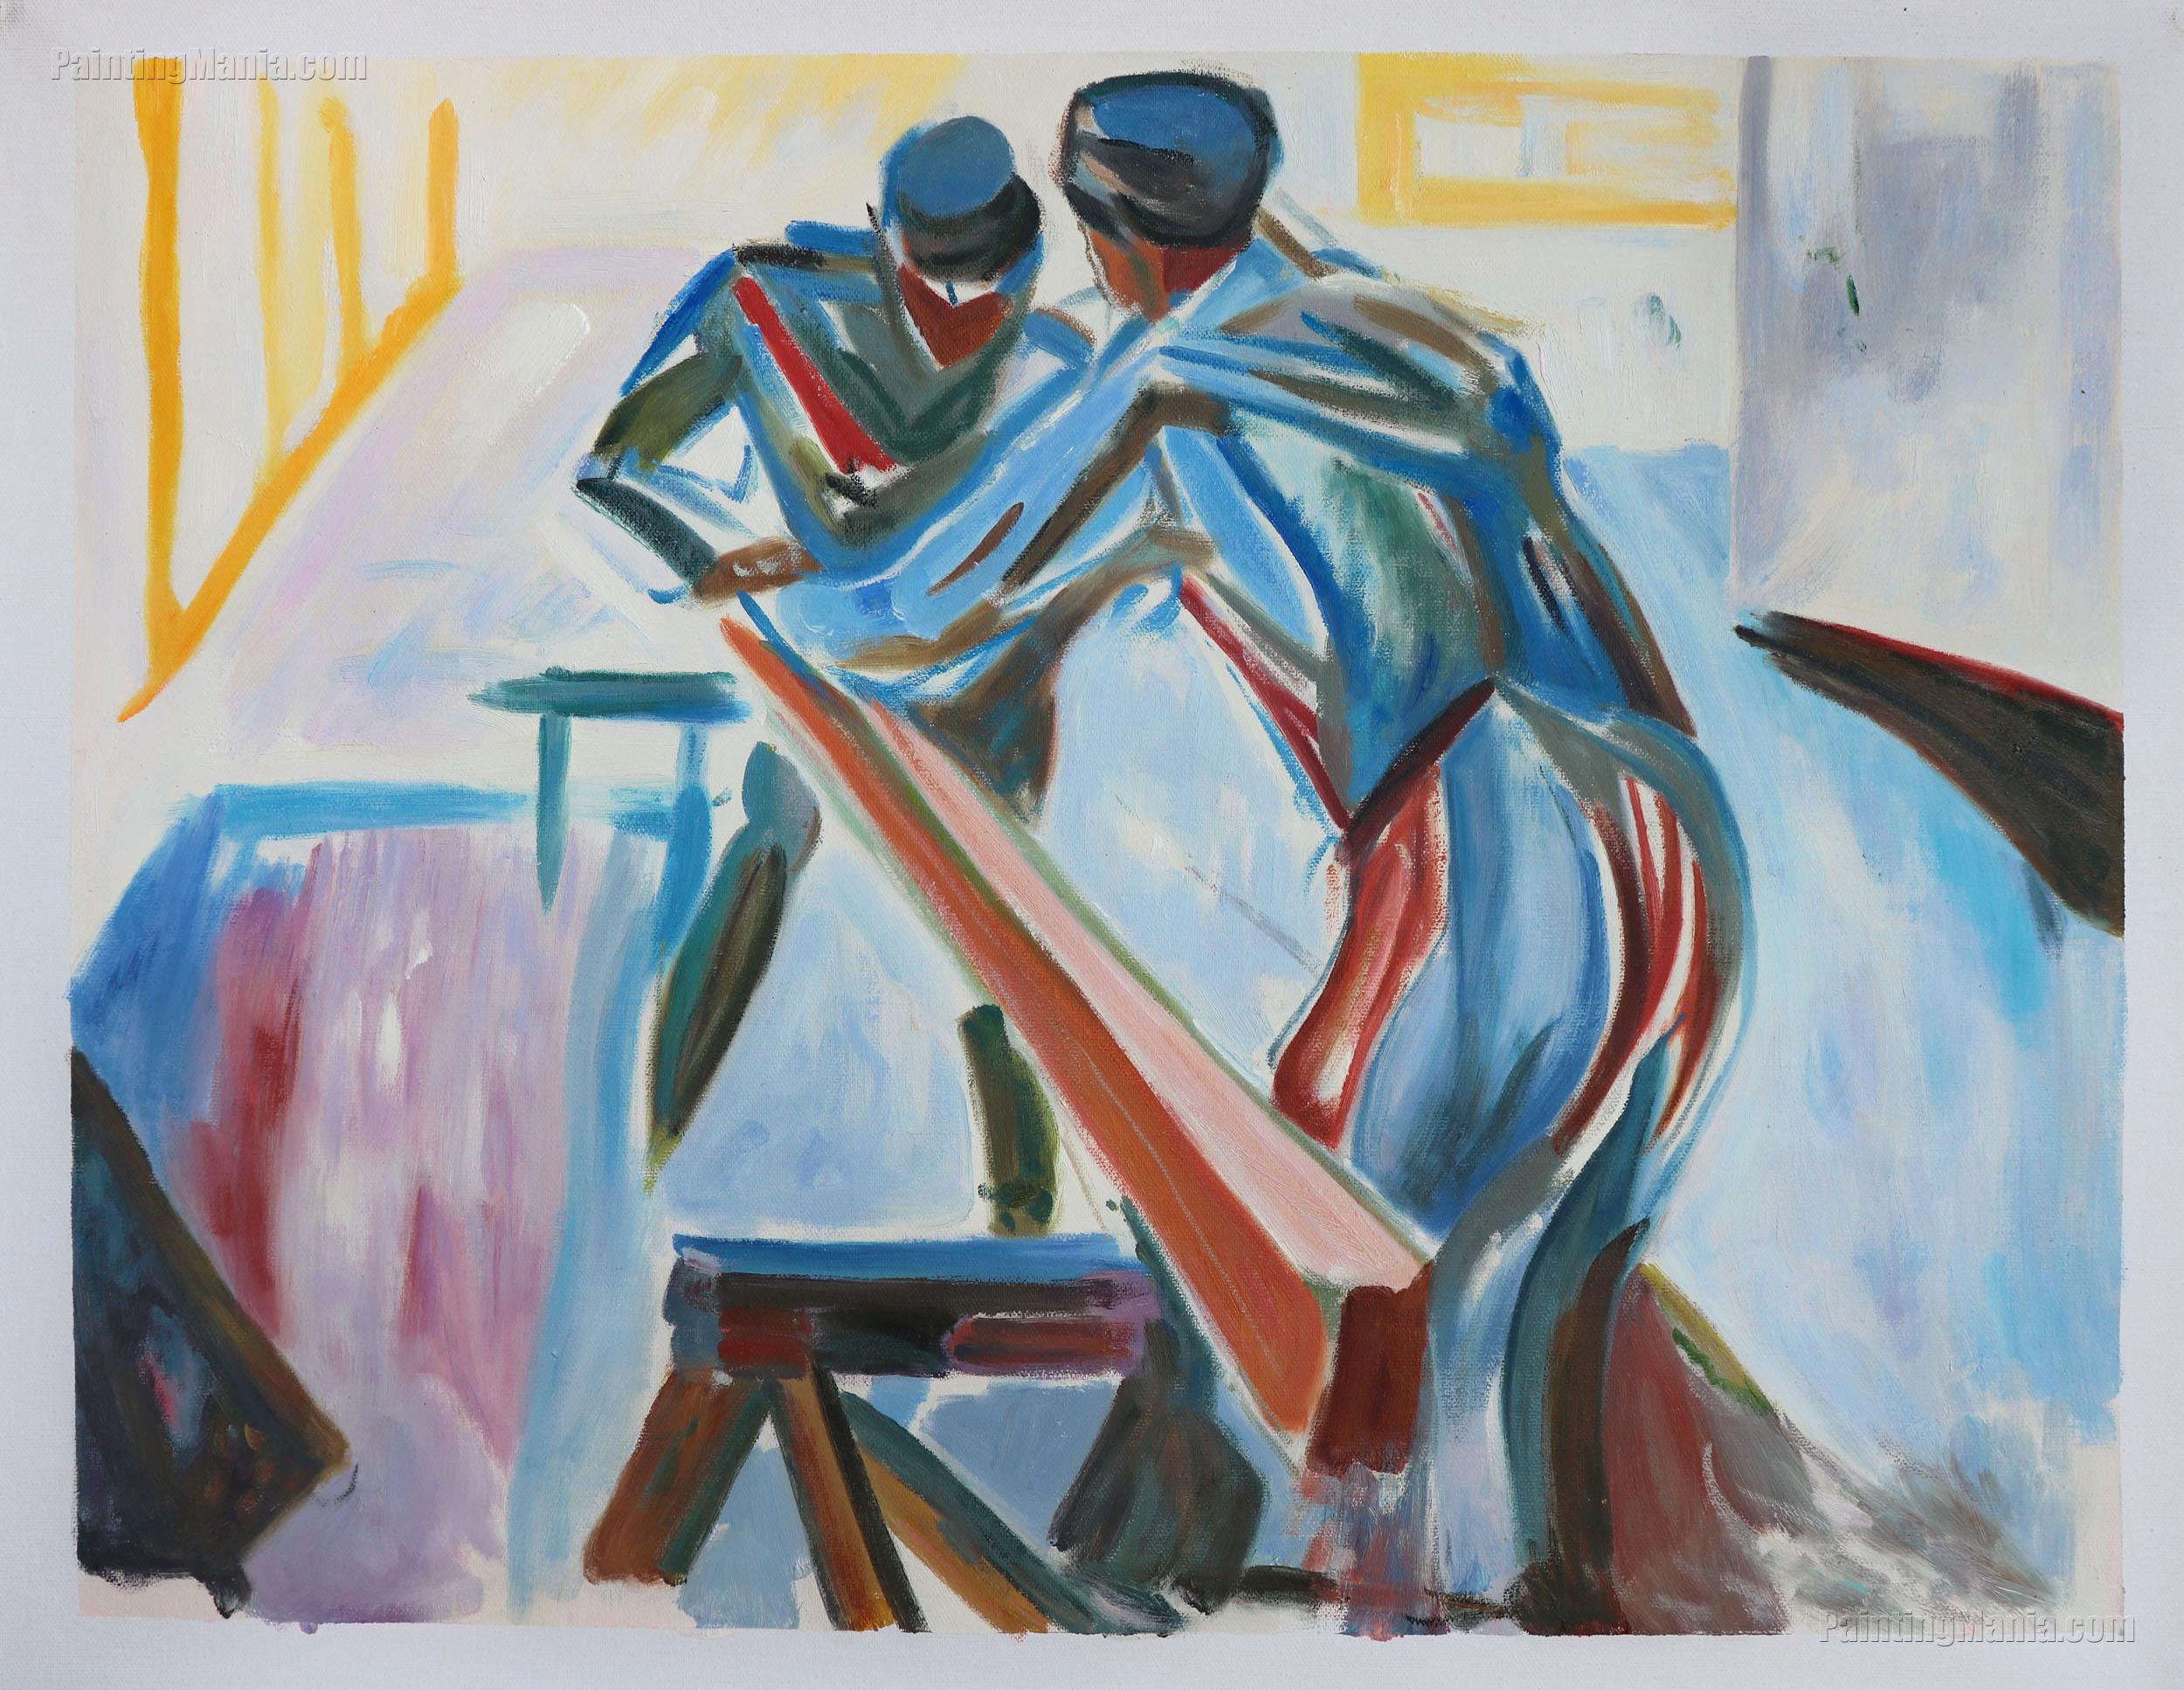 Carpenters in the Studio